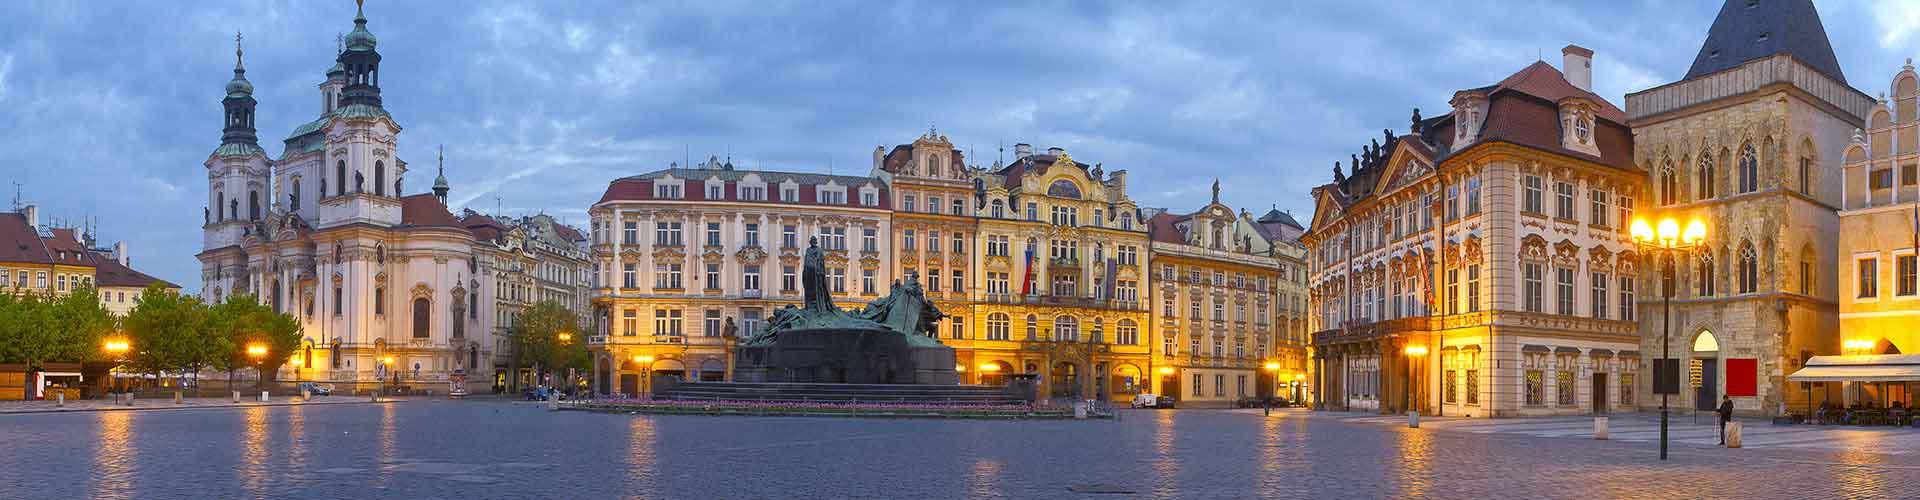 布拉格 – 市中心附近的公寓。布拉格地图,布拉格每间公寓的照片和评价。